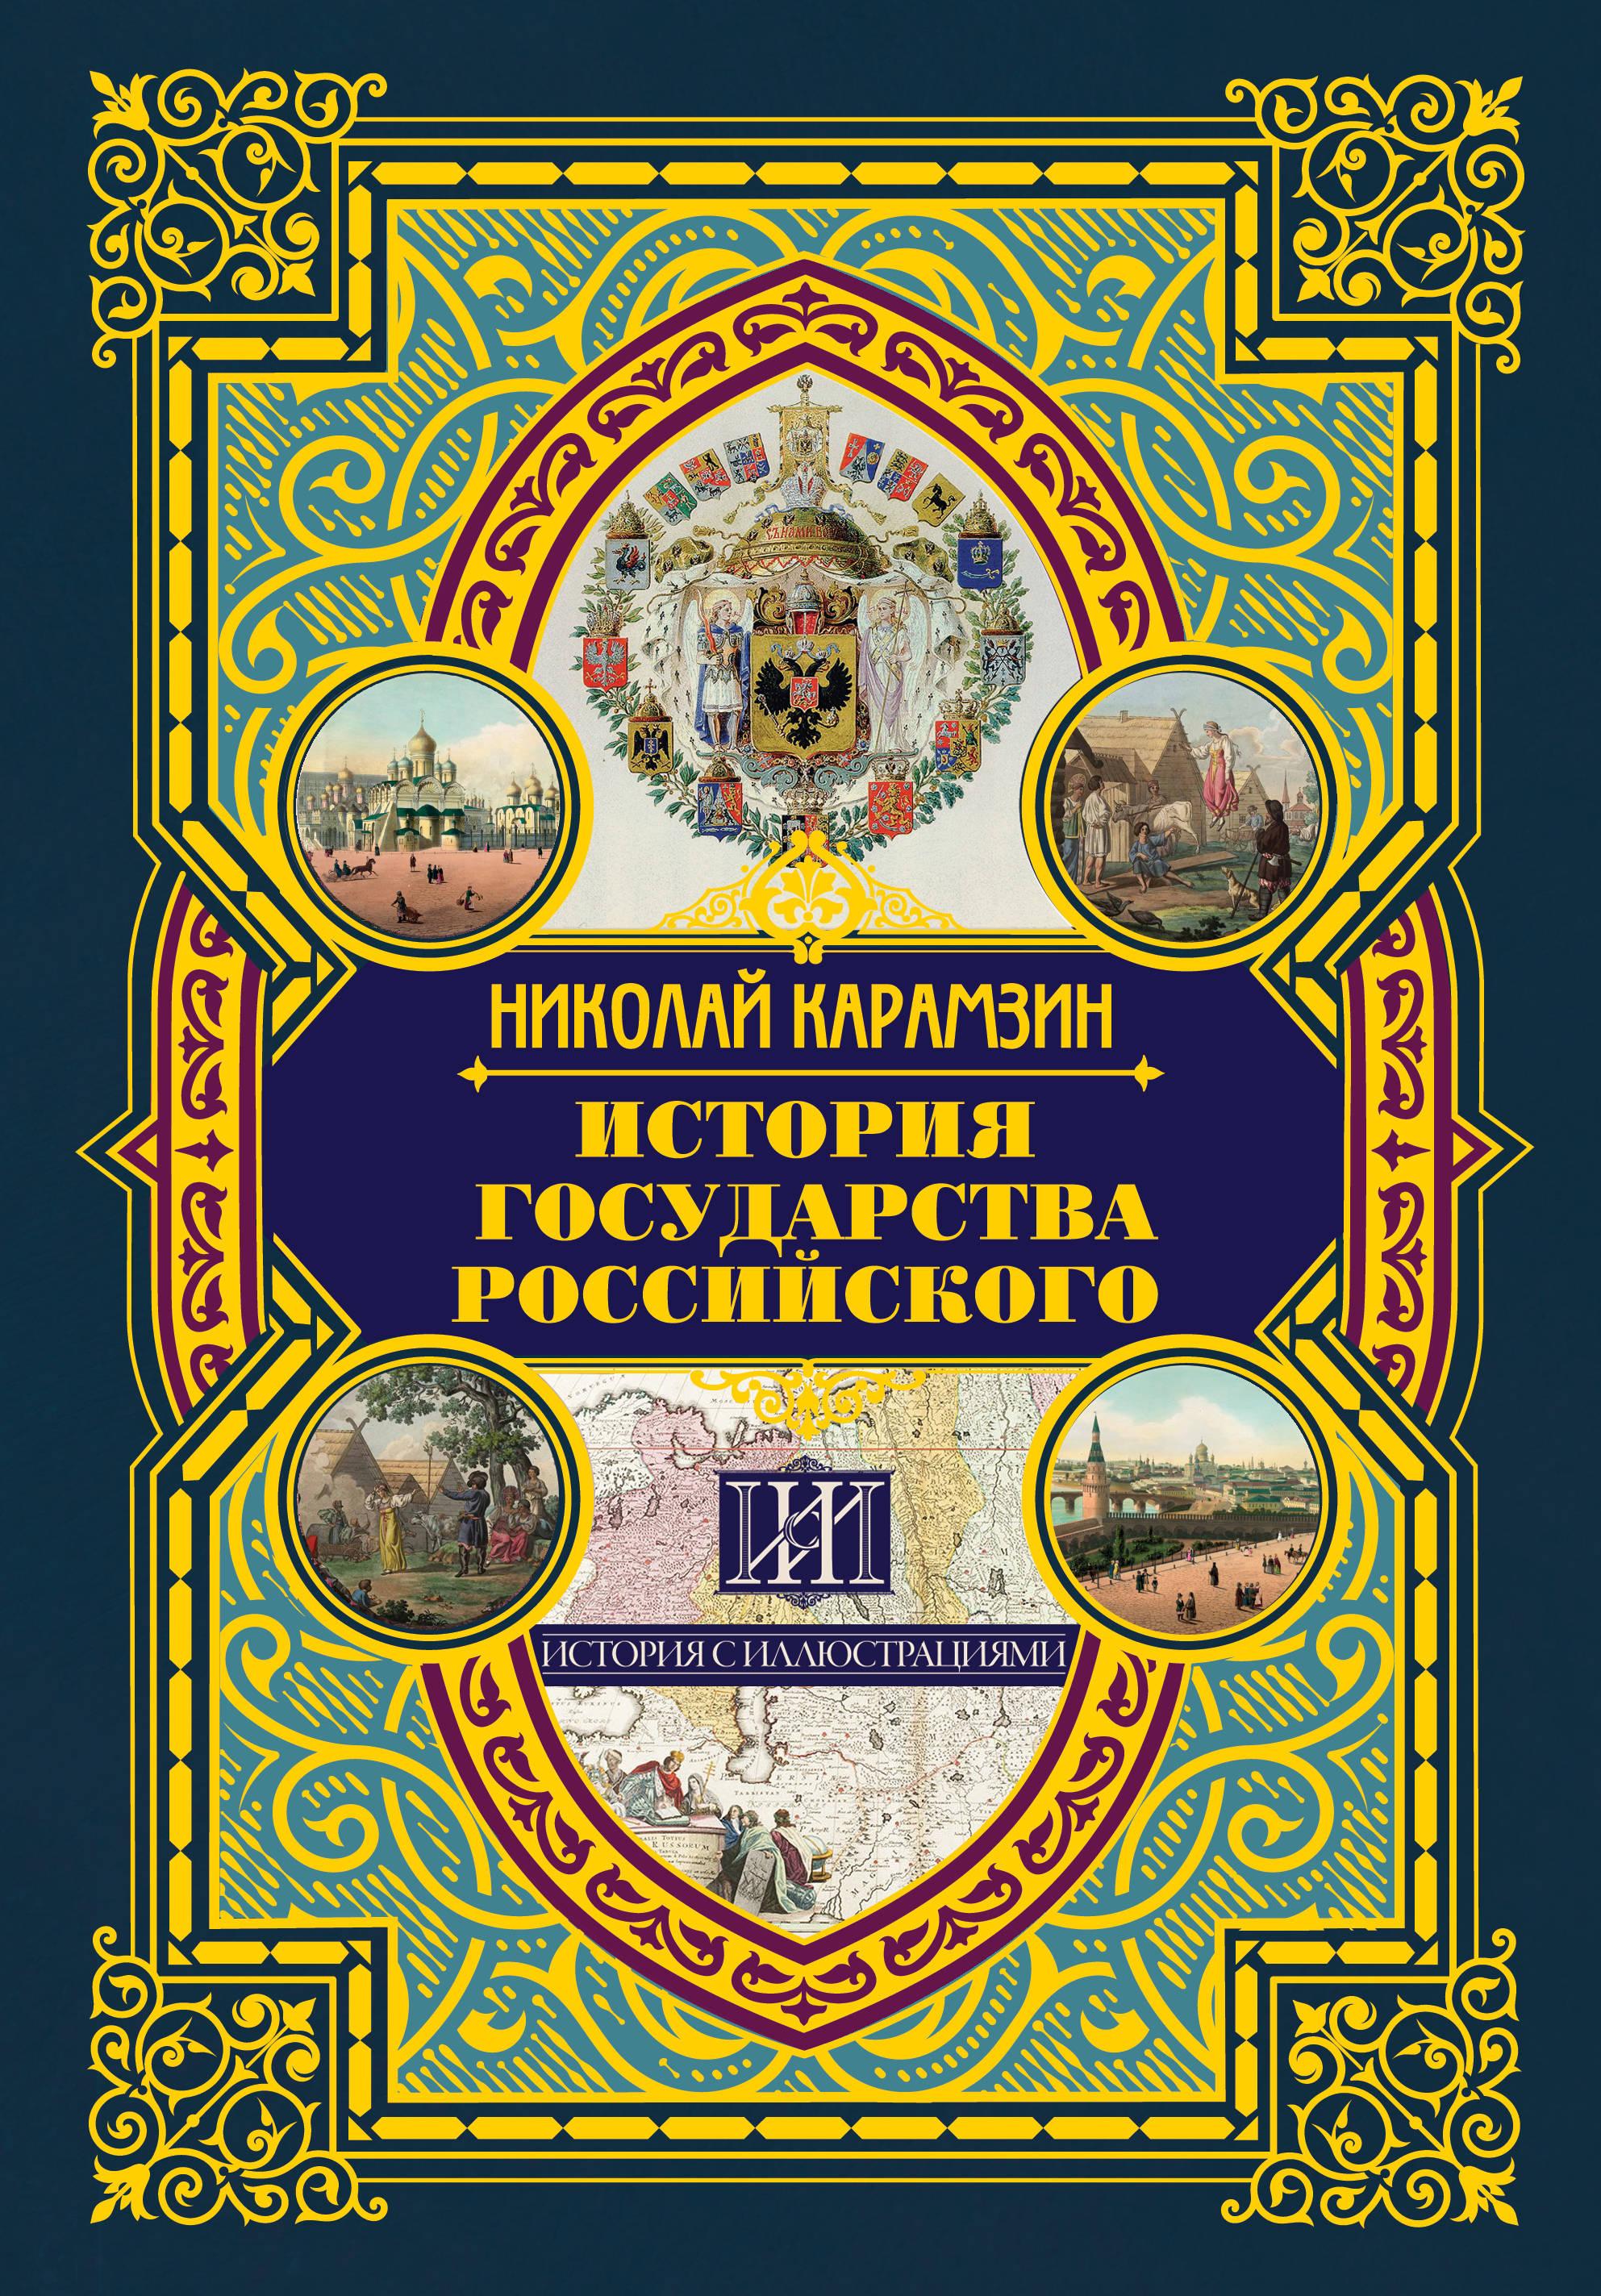 Карамзин Николай Михайлович История государства Российского